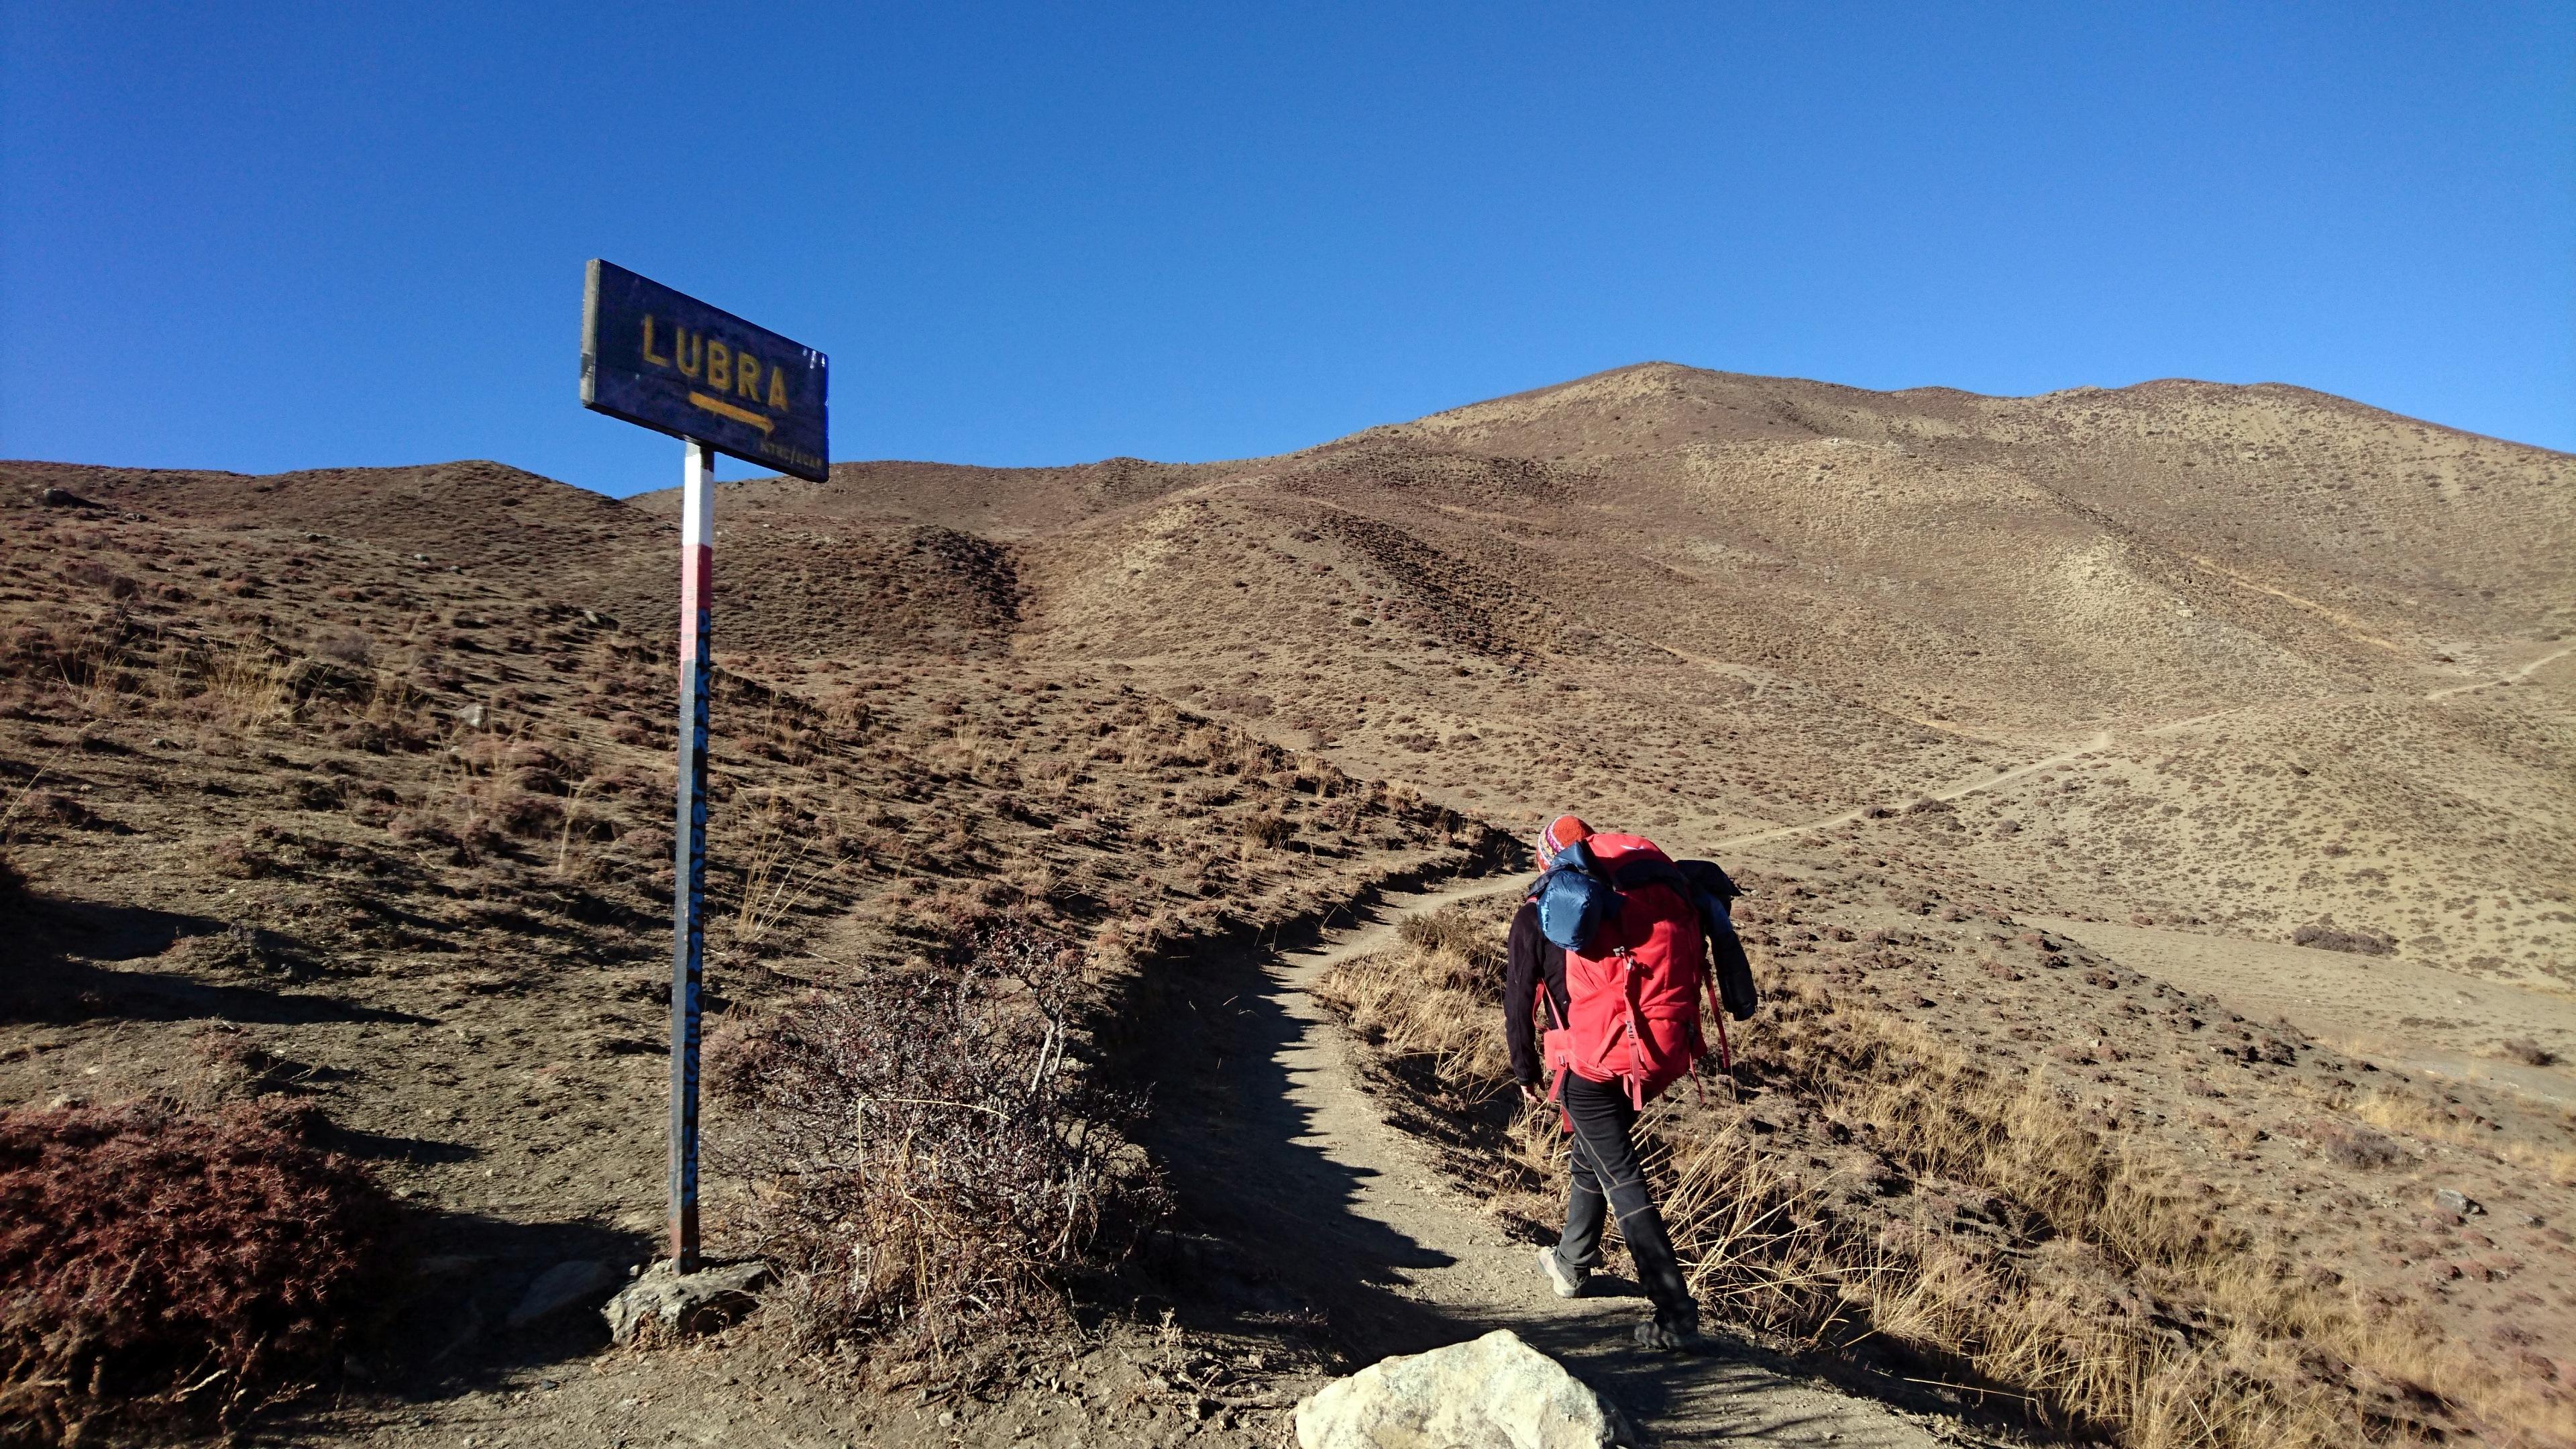 cominciamo a salire sui colli, in direzione di Lubra